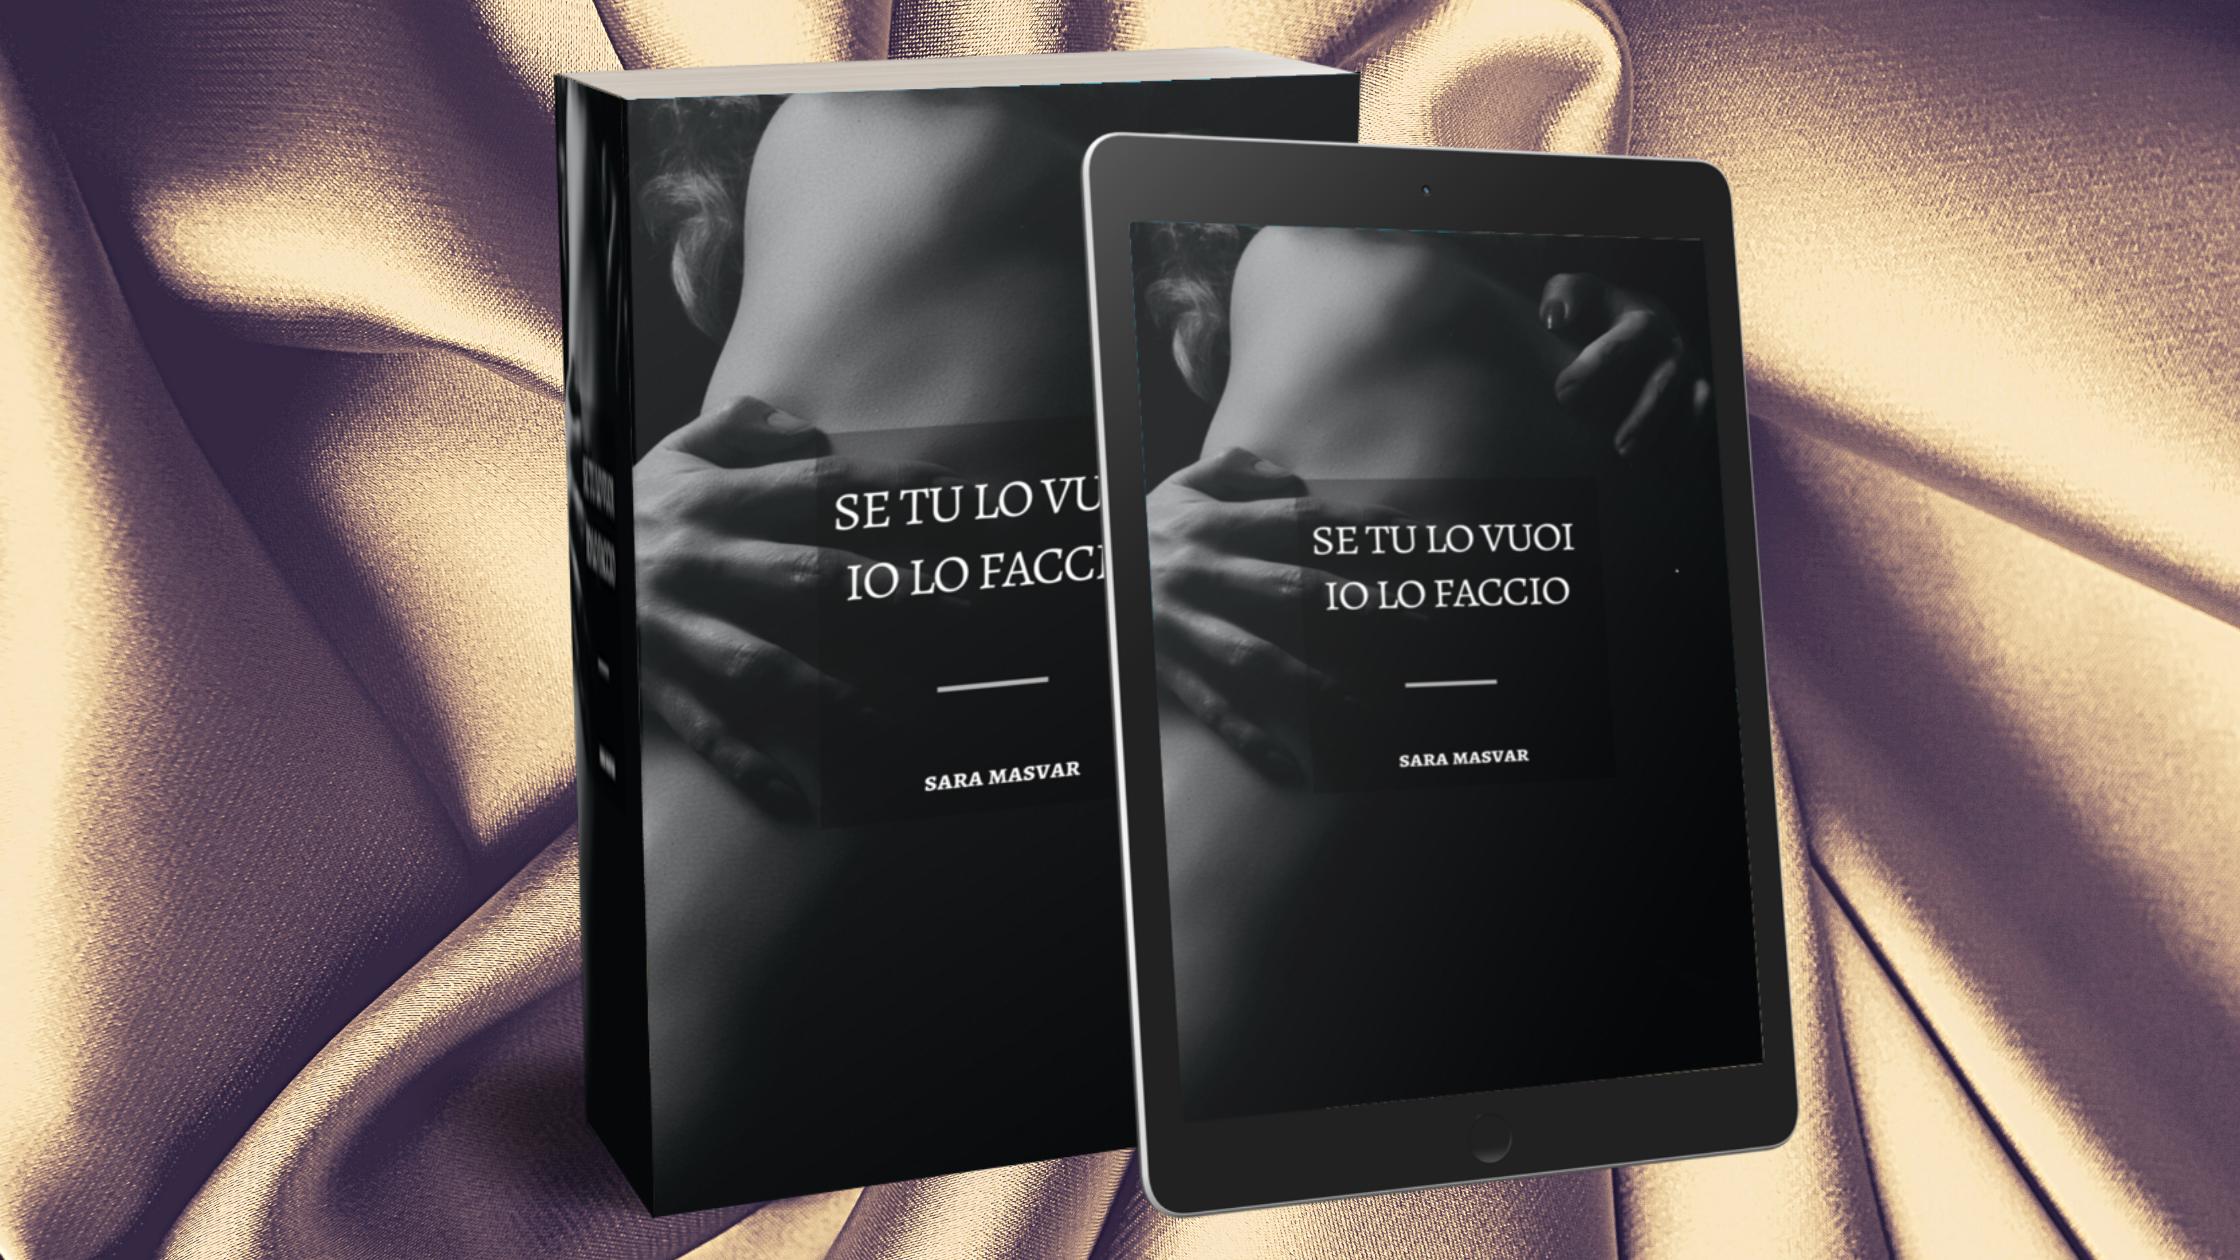 se tu lo vuoi io lo faccio sara masvar romanzo erotico formazione breve psicologico amore tradimento amanti passione amazon self